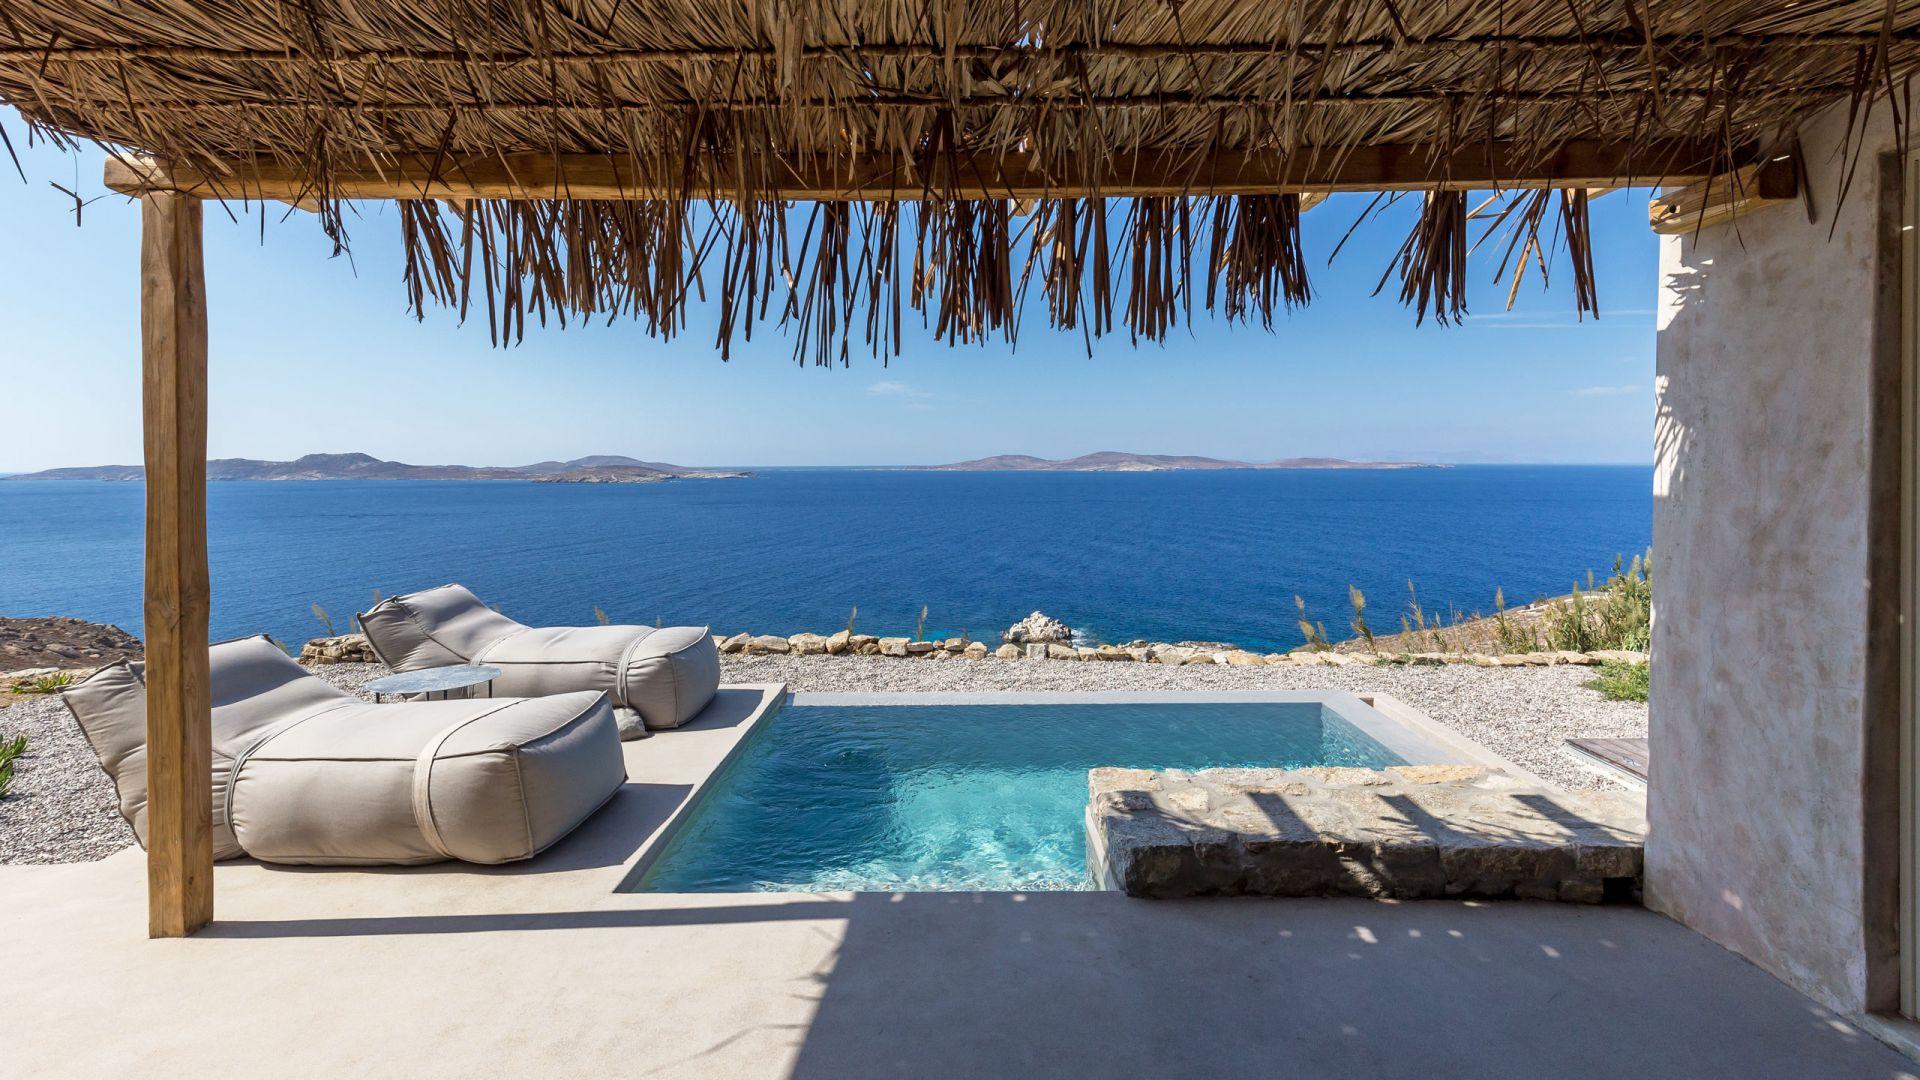 Ferienhaus Mykonos 8 Personen - Villa Delos View